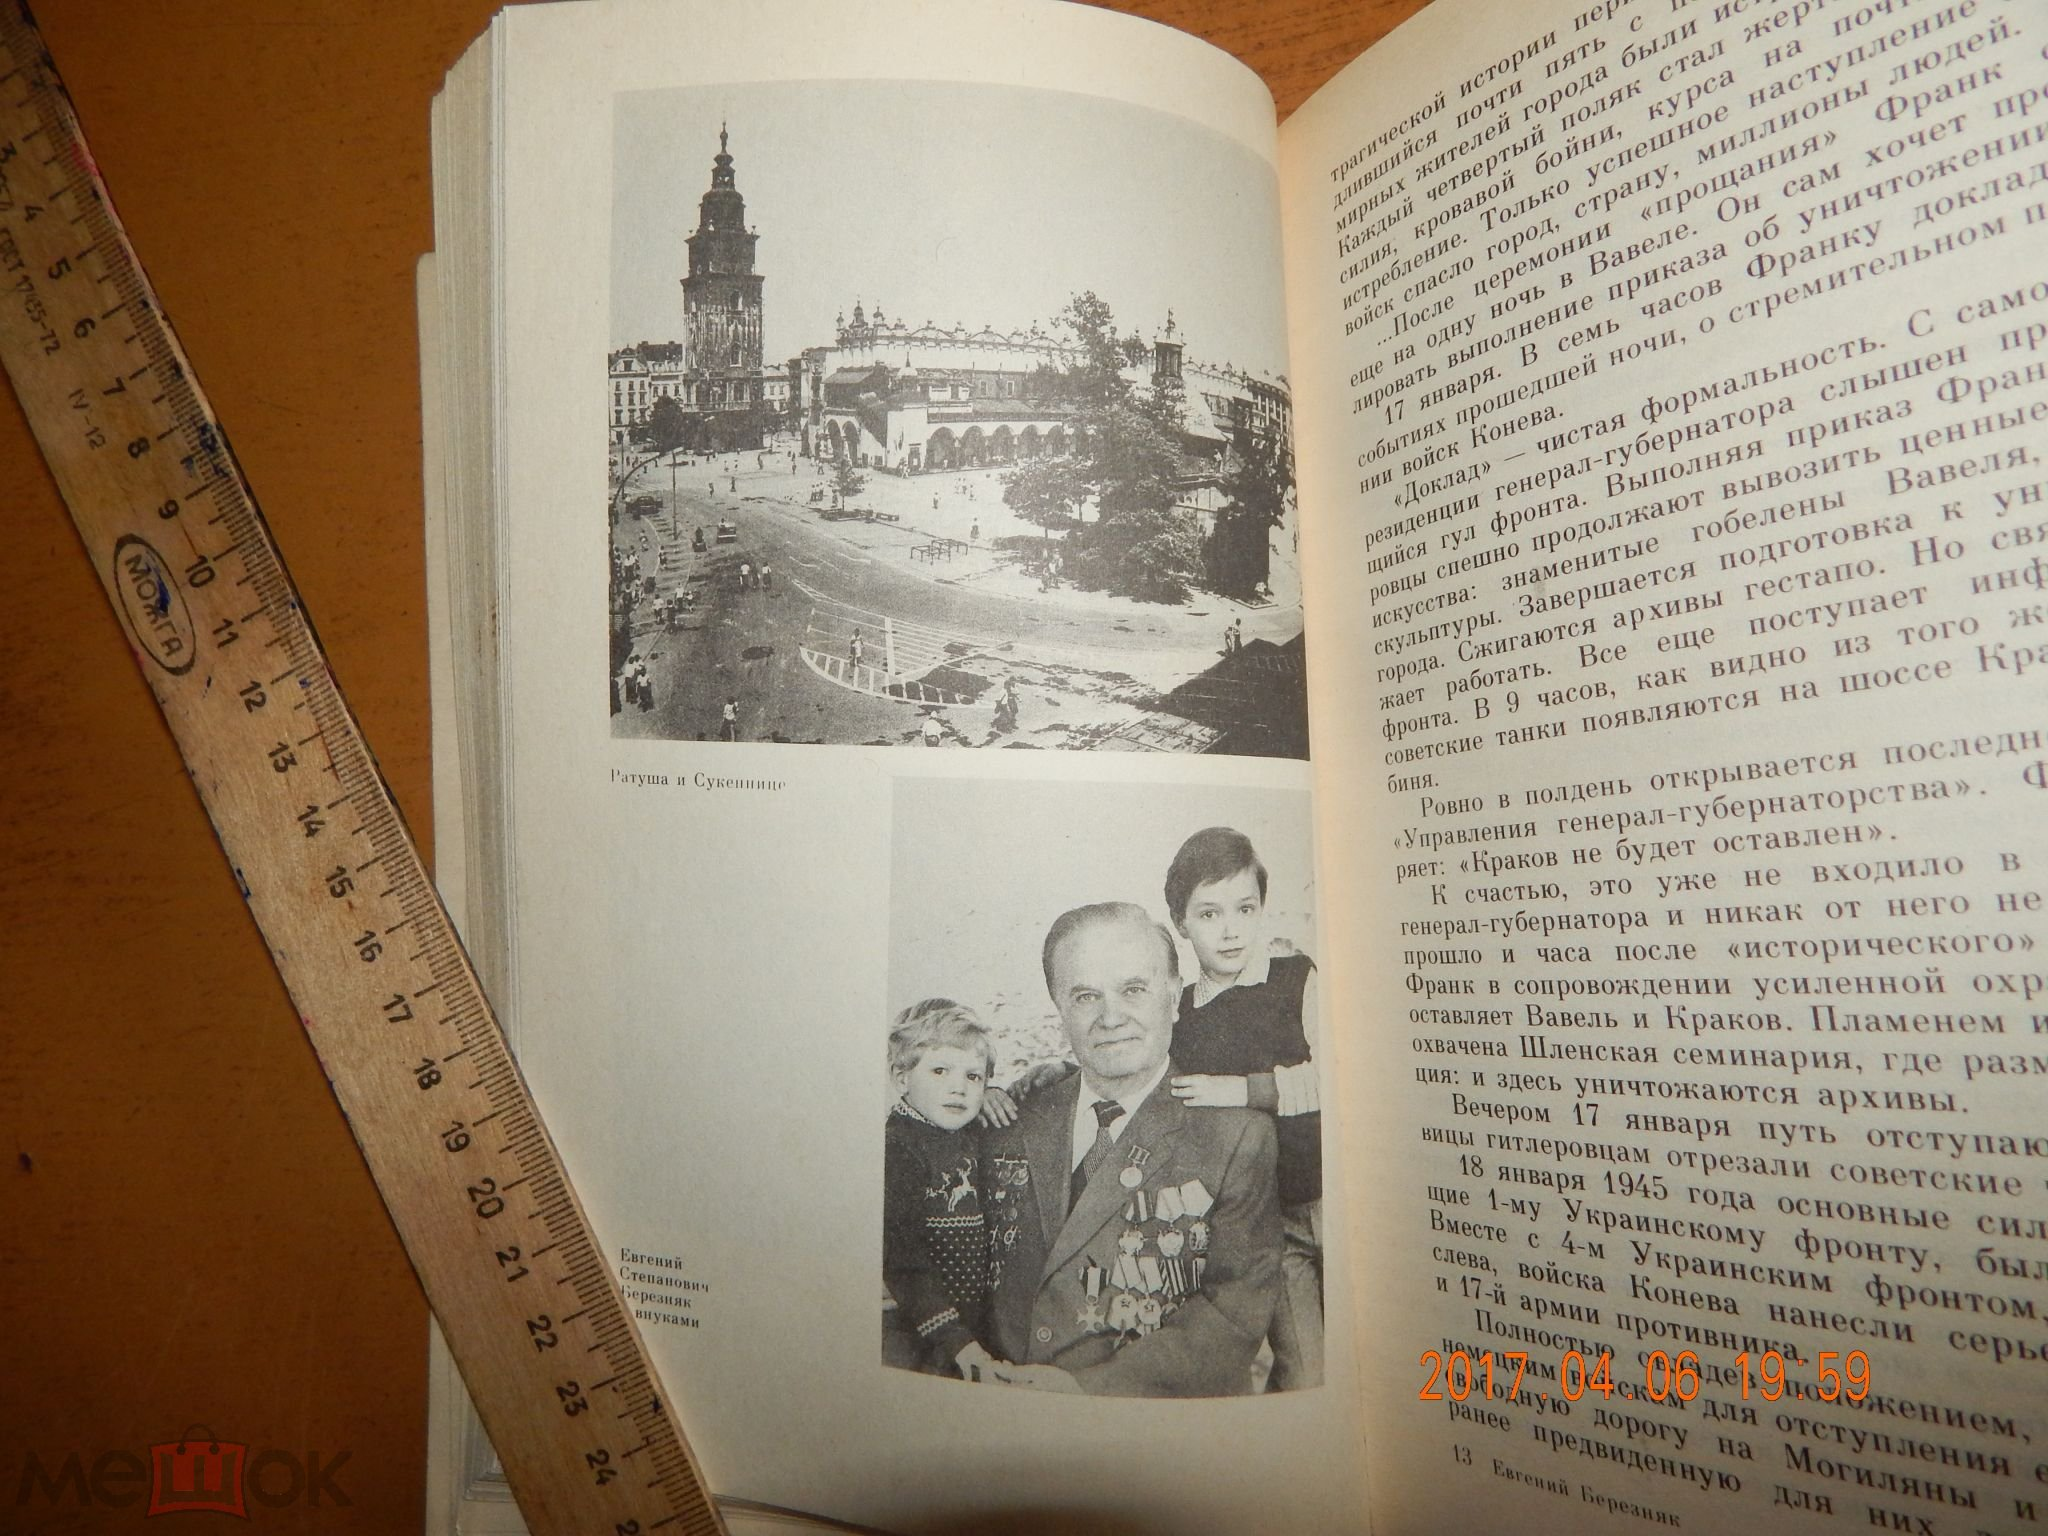 """Я37  РАЗВЕДКА! МАЙОР ВИХРЬ!  Е.БЕРЕЗНЯК  """"ОПЕРАЦИЯ """"ГОЛОС""""  Рассказ разведчика! 1992 г Редкие фото!"""